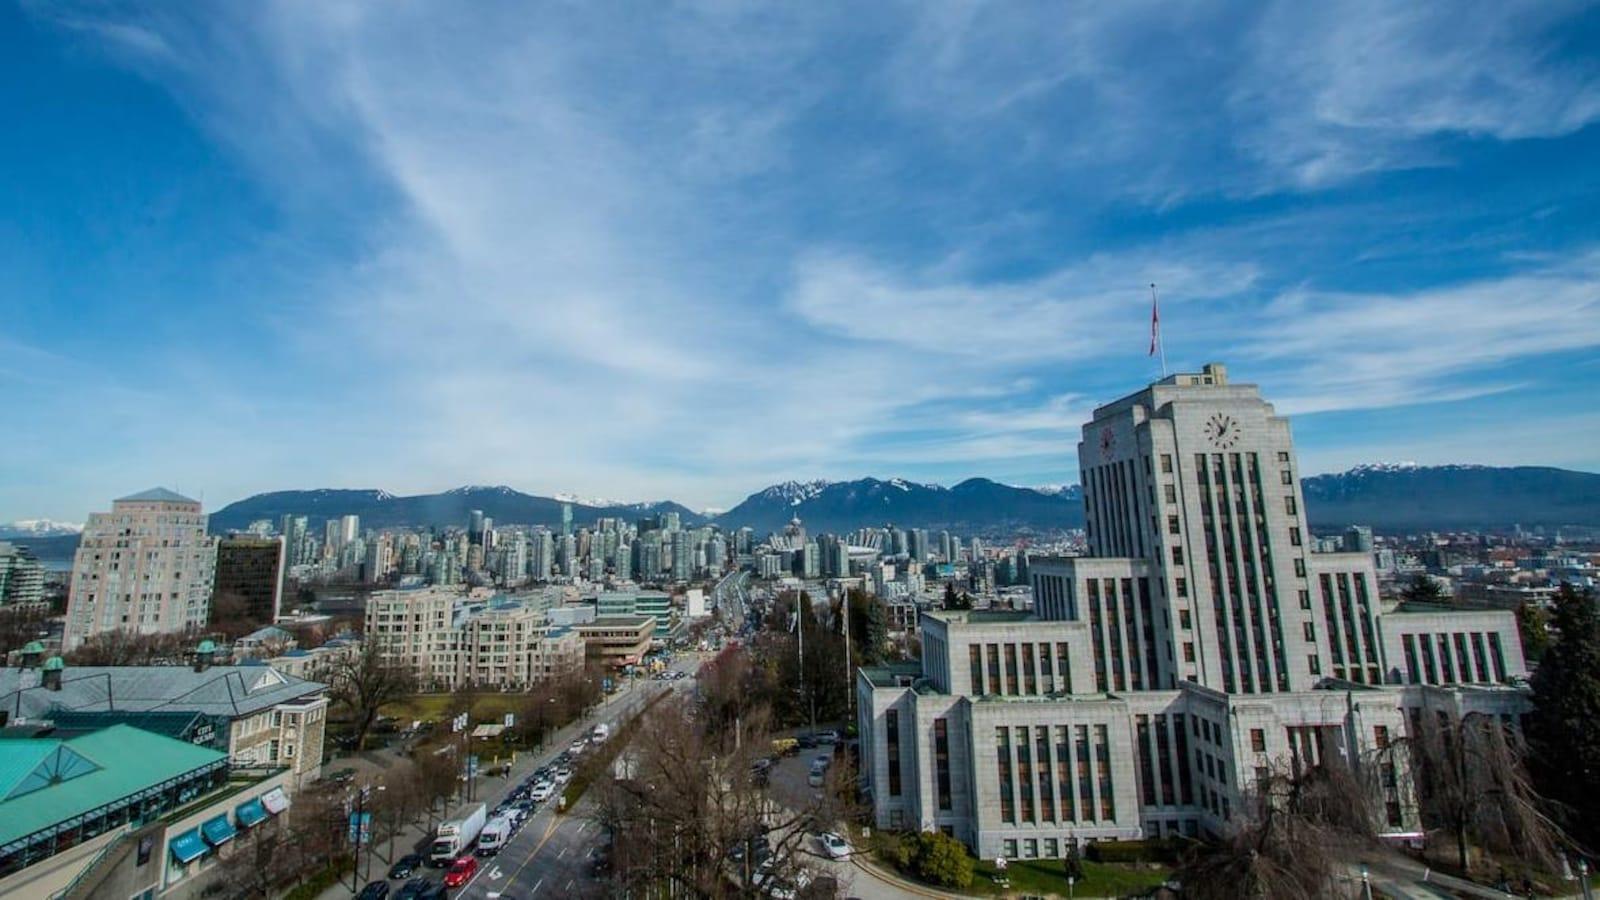 L'hôtel de ville de Vancouver en premier plan, avec le centre-ville derrière et les montagnes de la rive nord en arrière-plan.